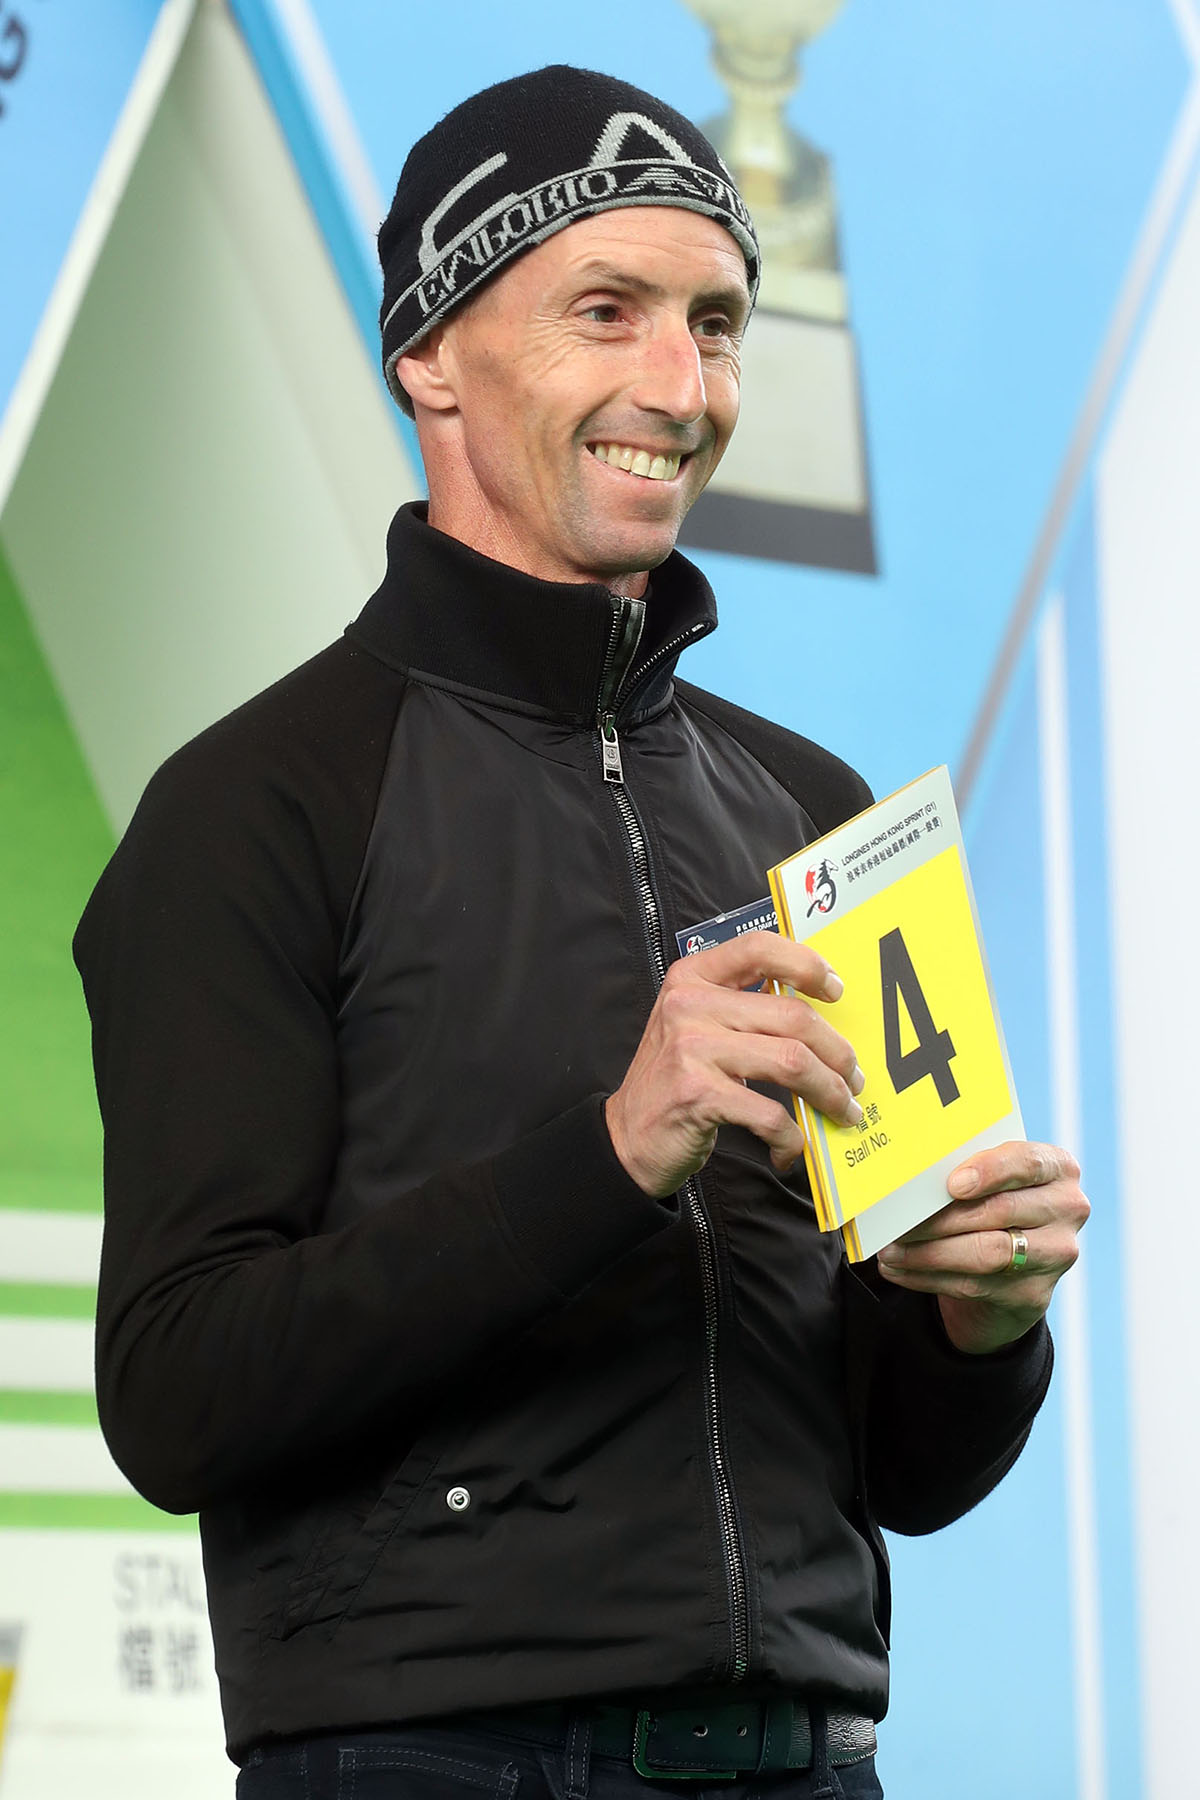 浪琴表香港短途錦標 – 騎師羅理雅為其坐騎「紅衣醒神」抽得第4檔。